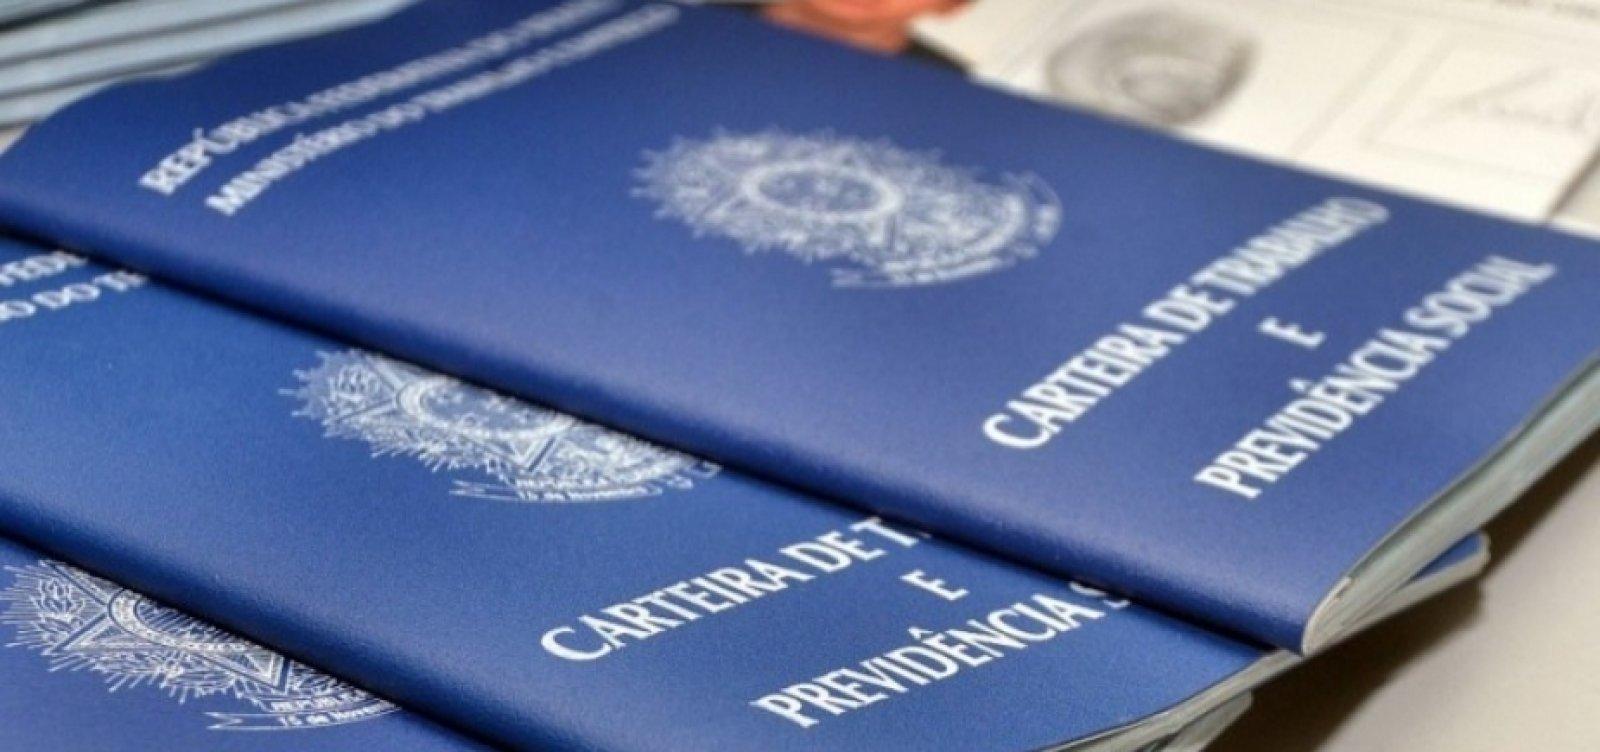 Confira as vagas de emprego oferecidas nesta segunda-feira em Salvador